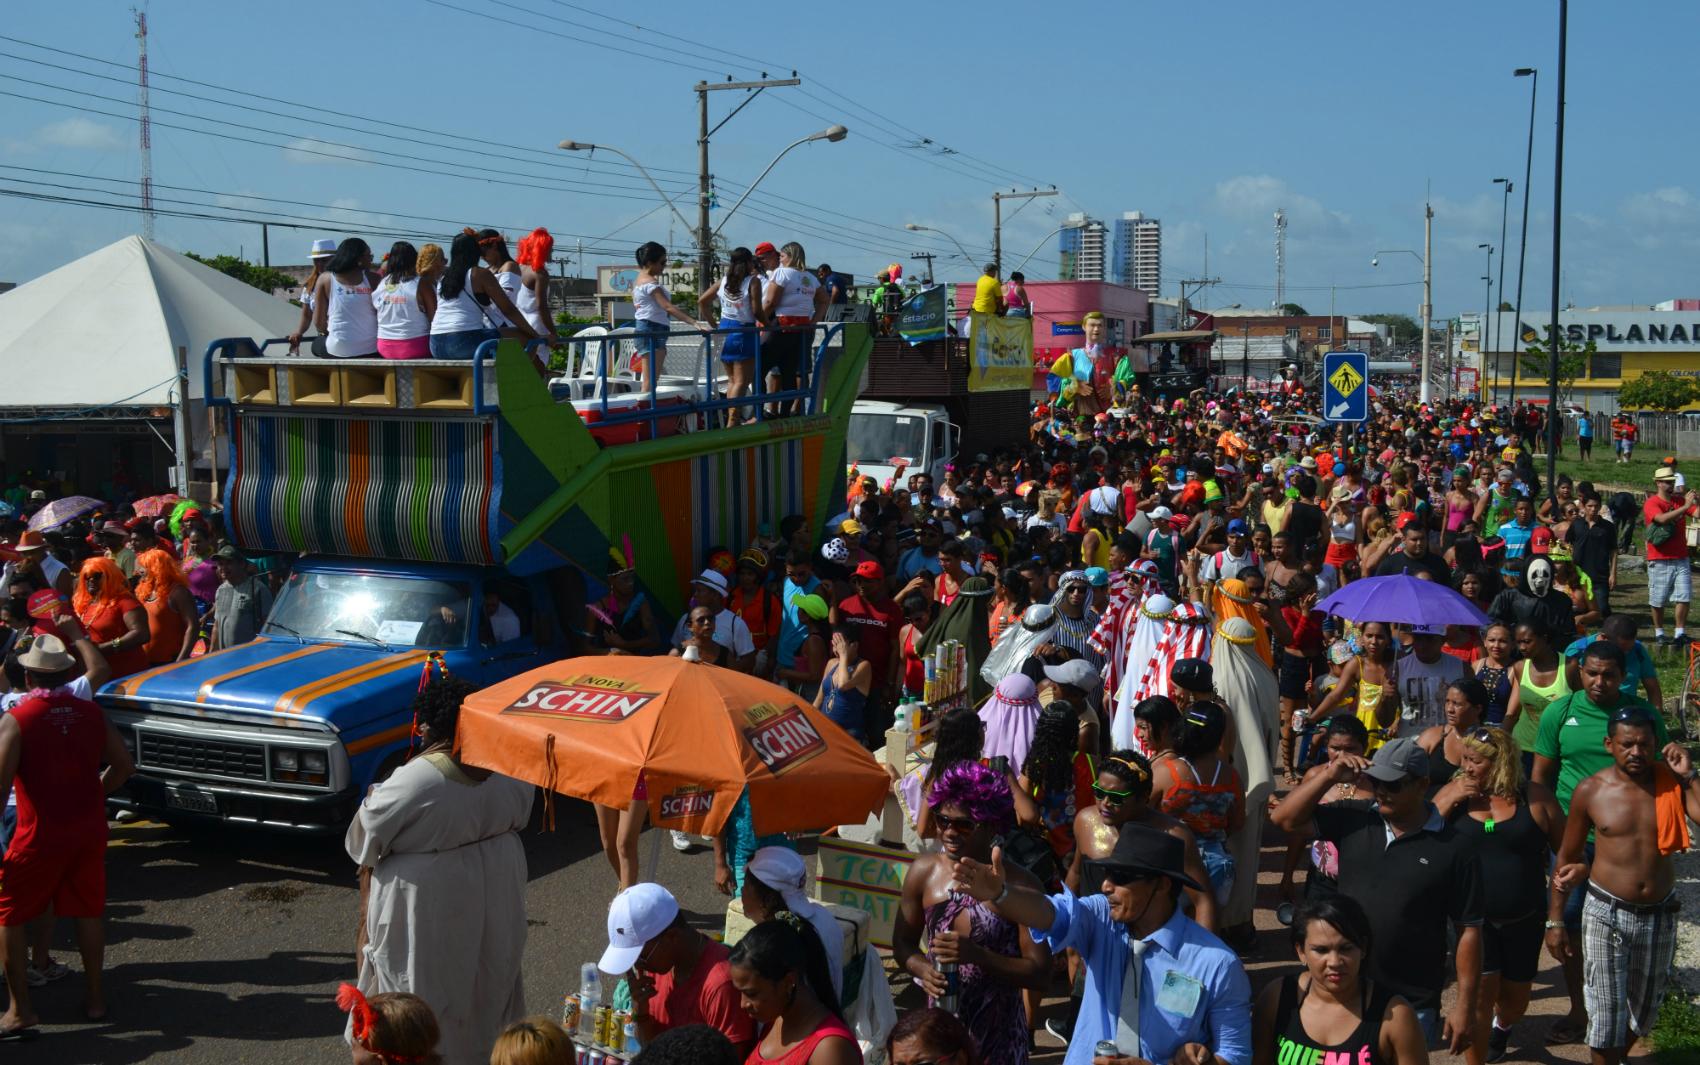 Desfile do bloco A Banda no Carnaval 2016, em Macapá